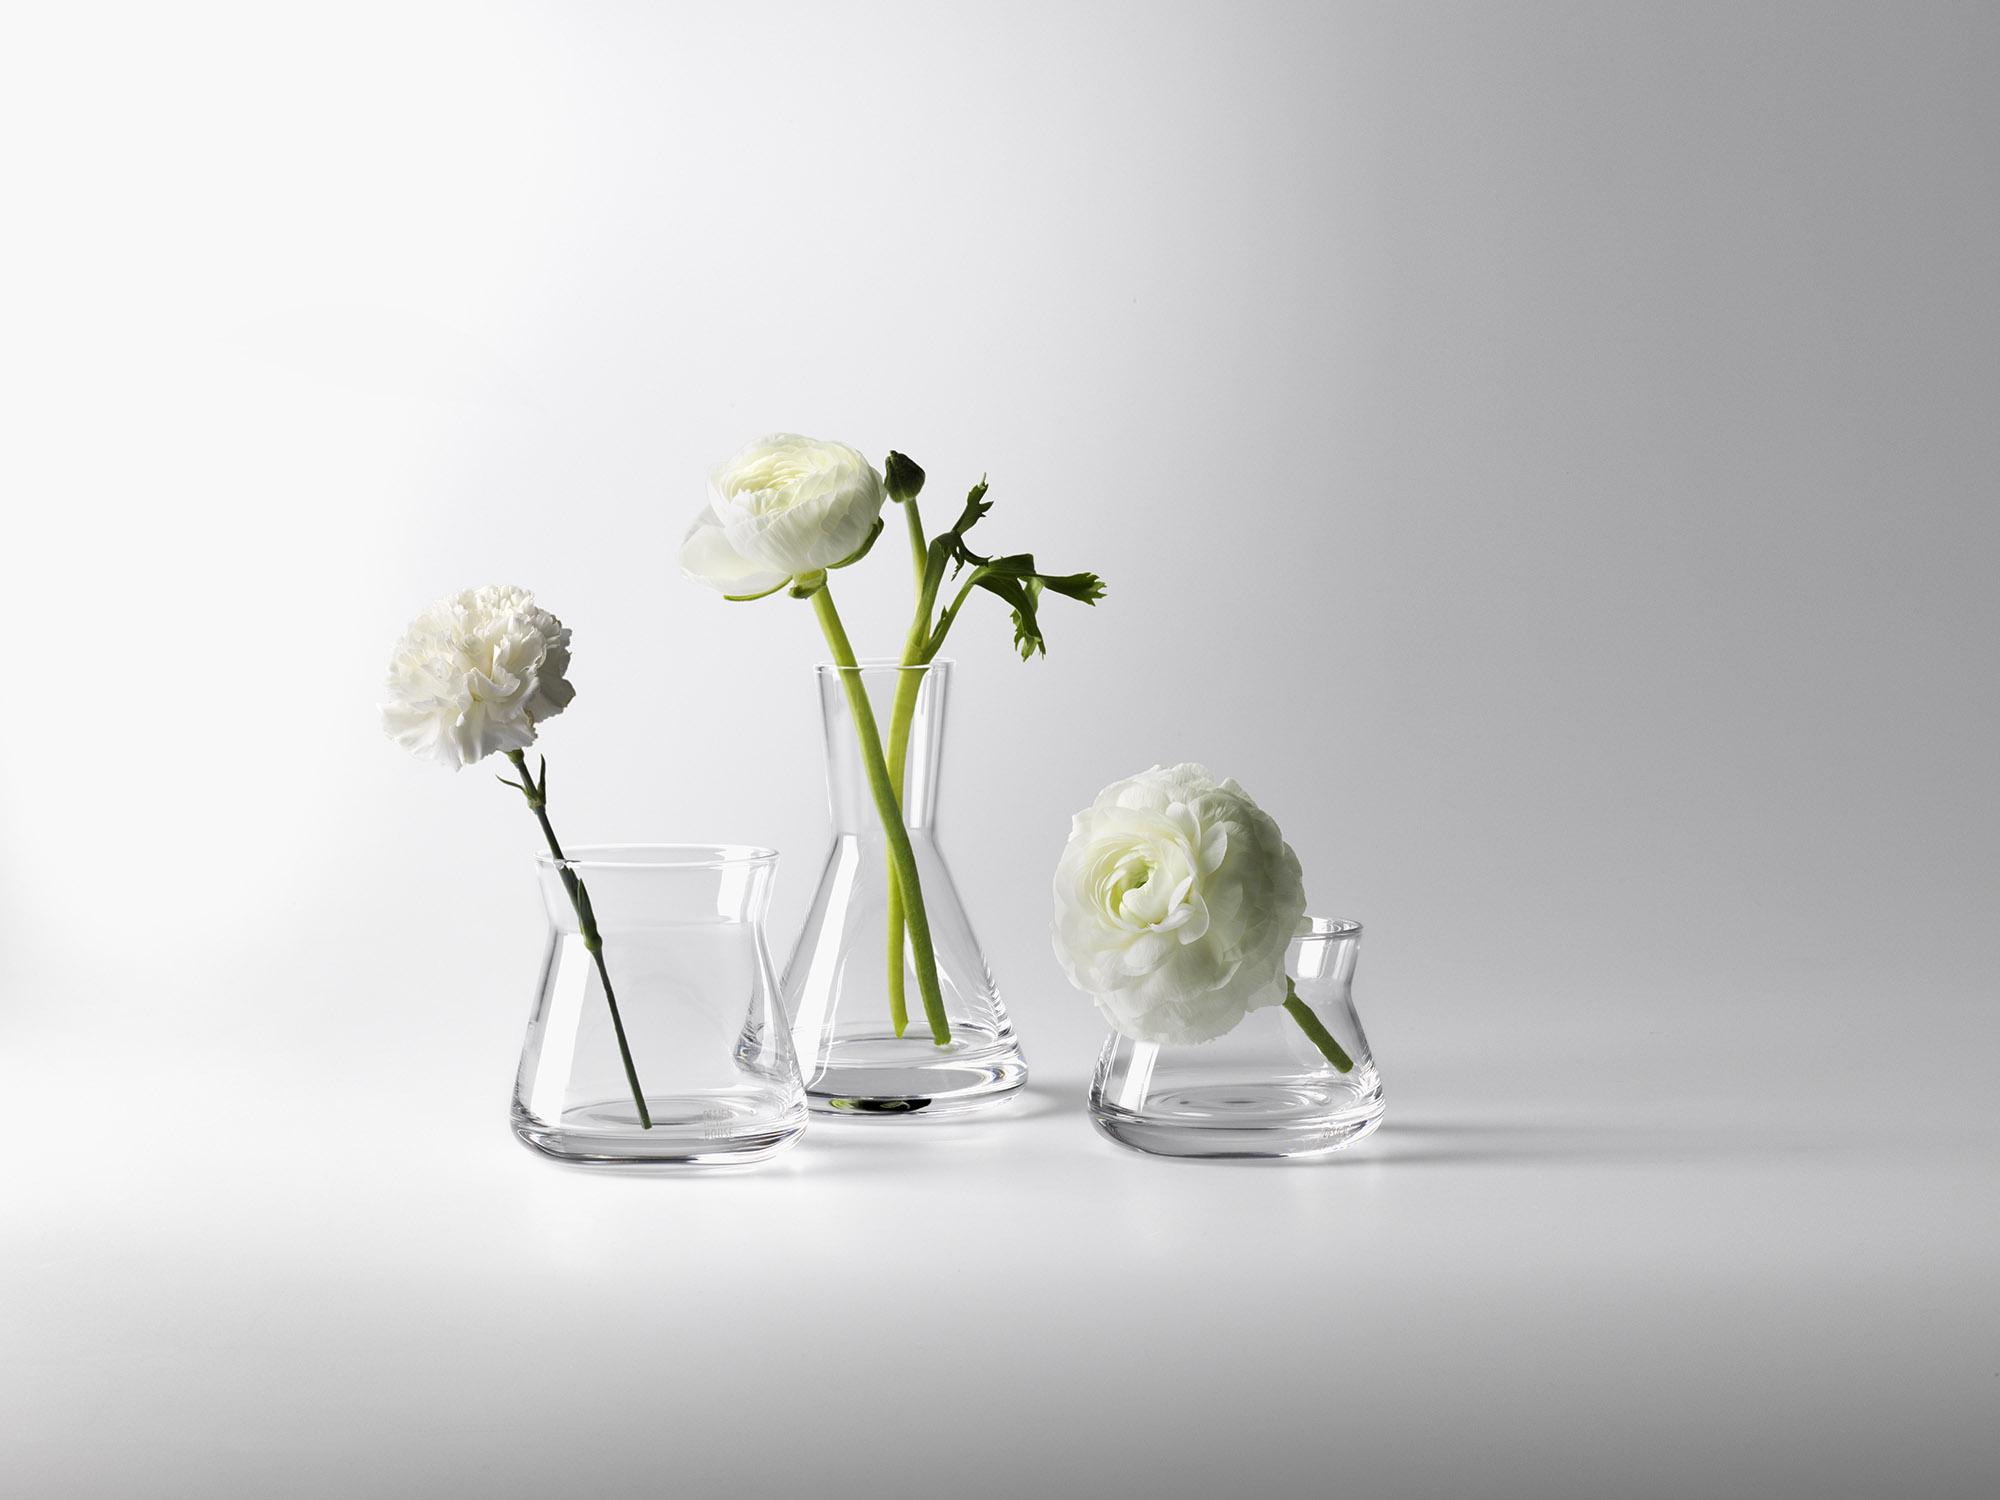 Trio_clear_flower1_2000x1500